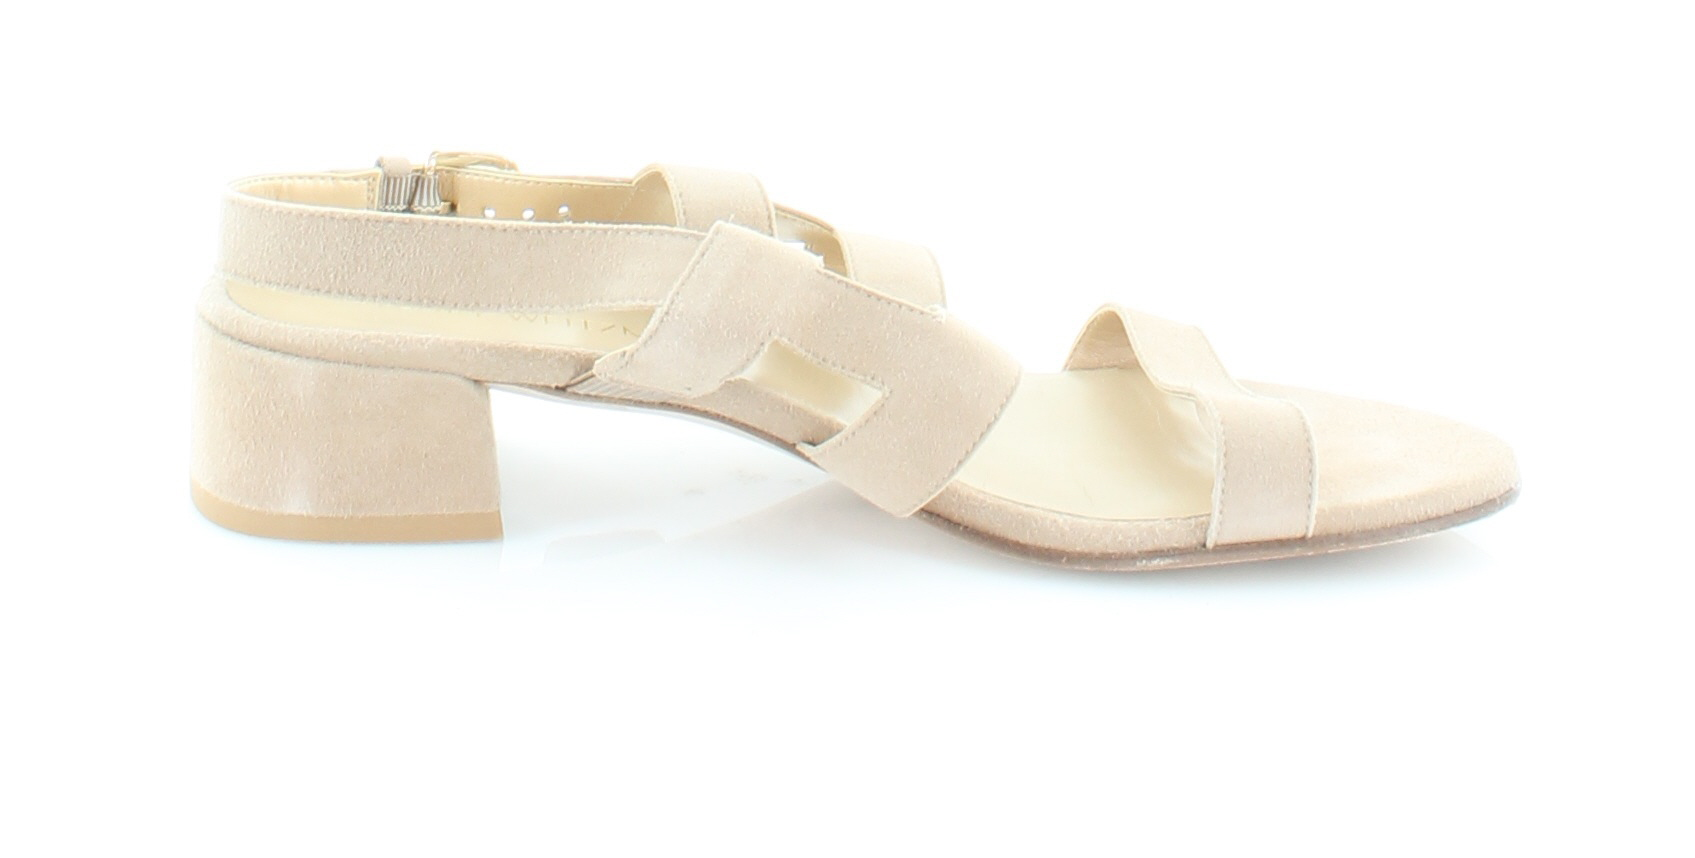 Stuart Weitzman Barrio Beige donna scarpe Dimensione 9.5 M M M Sandals MSRP  385 d0b370